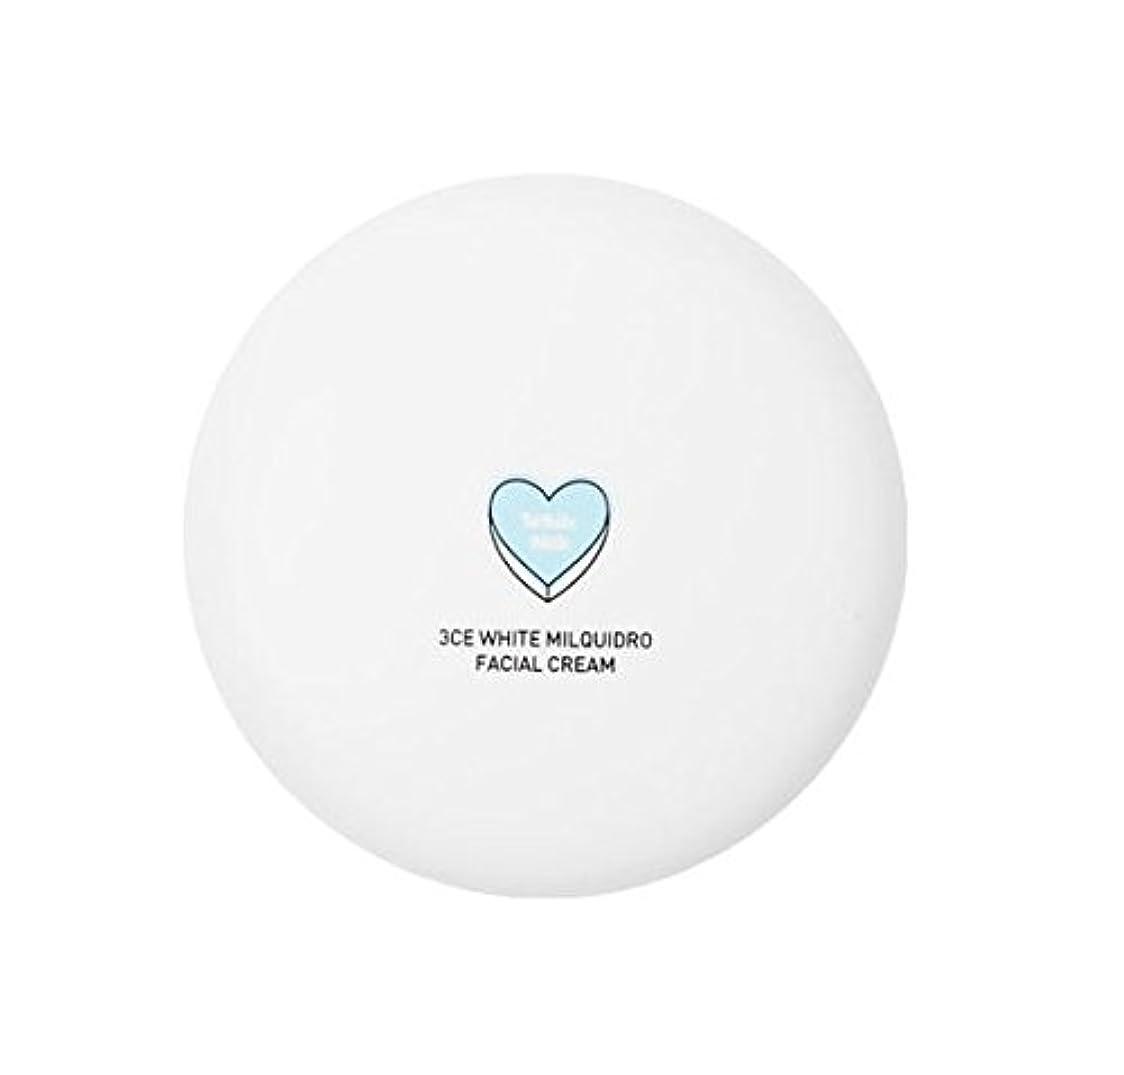 満足できる玉ねぎ絶望3CE WHITE MILQUIDRO FACIAL CREAM 50ml / 3CE ホワイトミルクウィドローフェイシャルクリーム [並行輸入品]